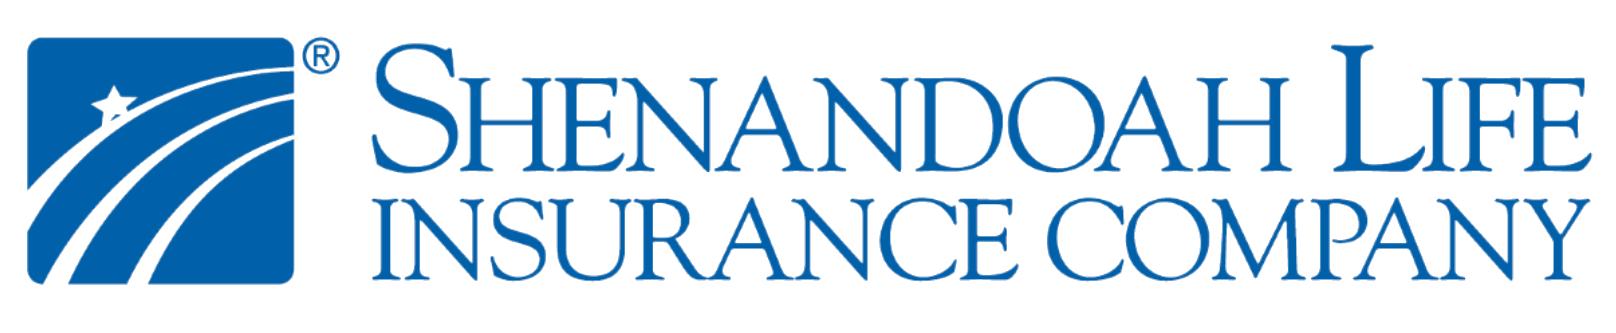 Shenandoah Life Insurance Company